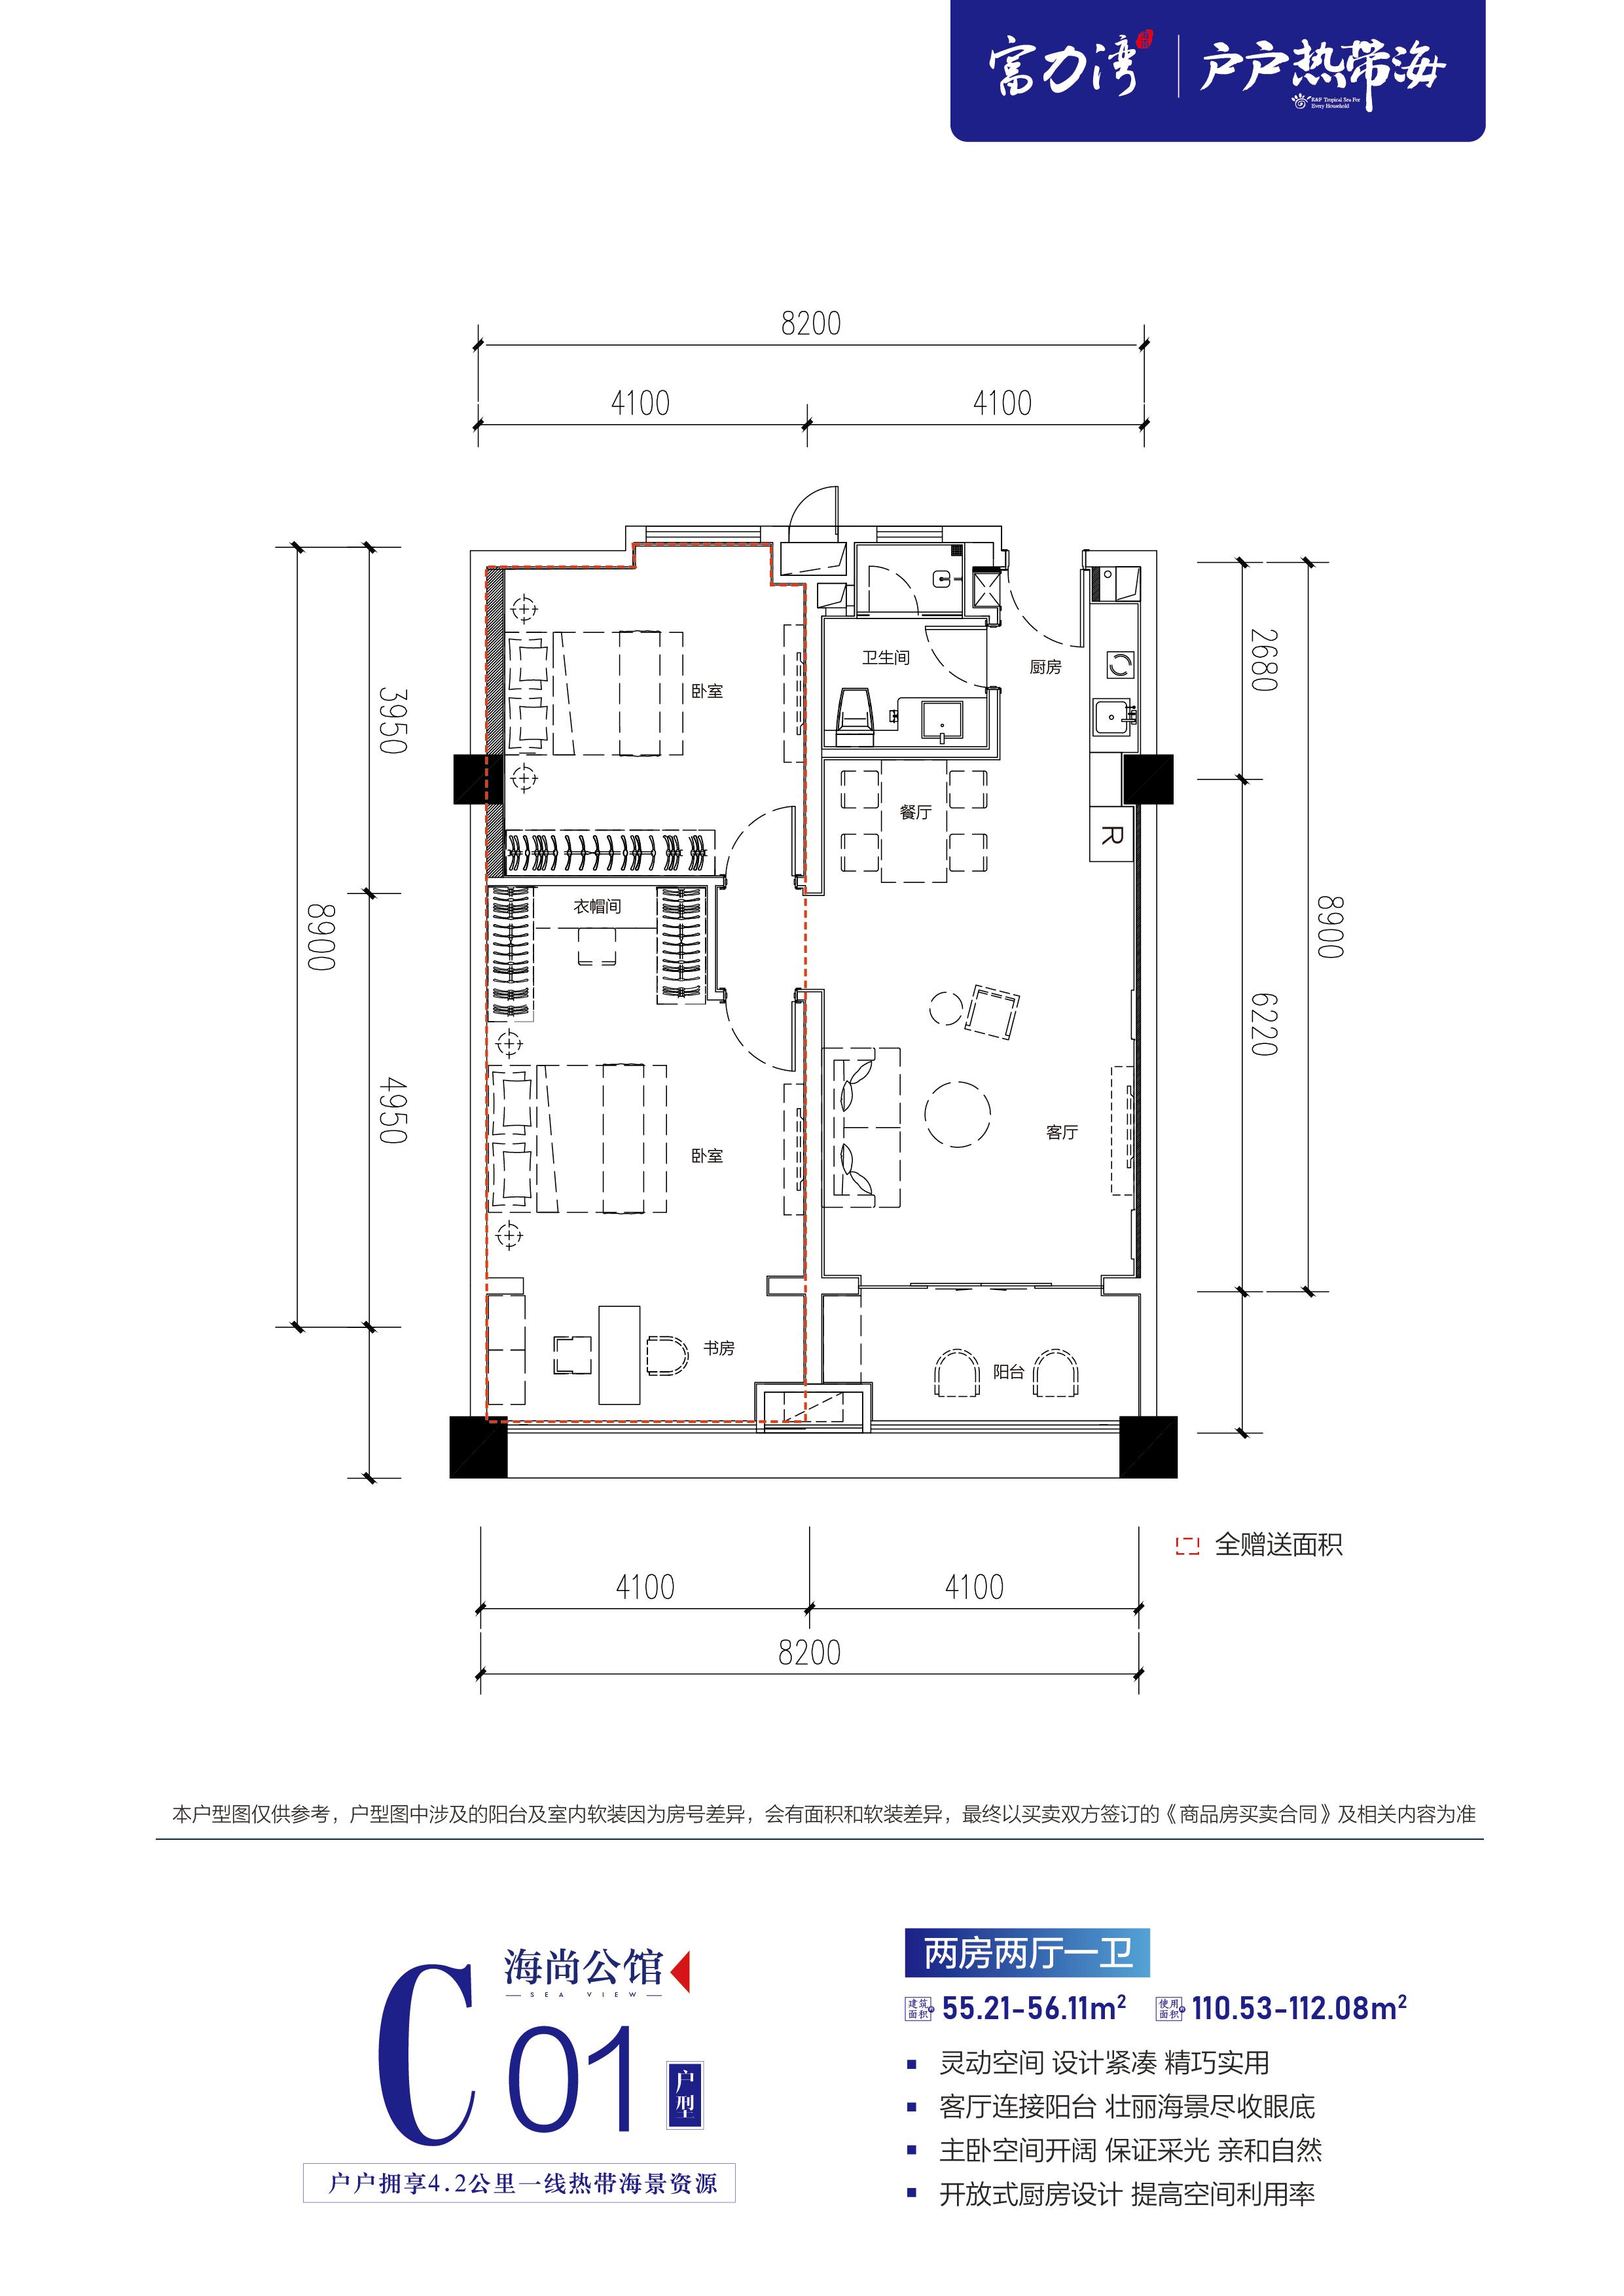 海尚公馆C01户型 2室2厅1卫 建面约55.21-56